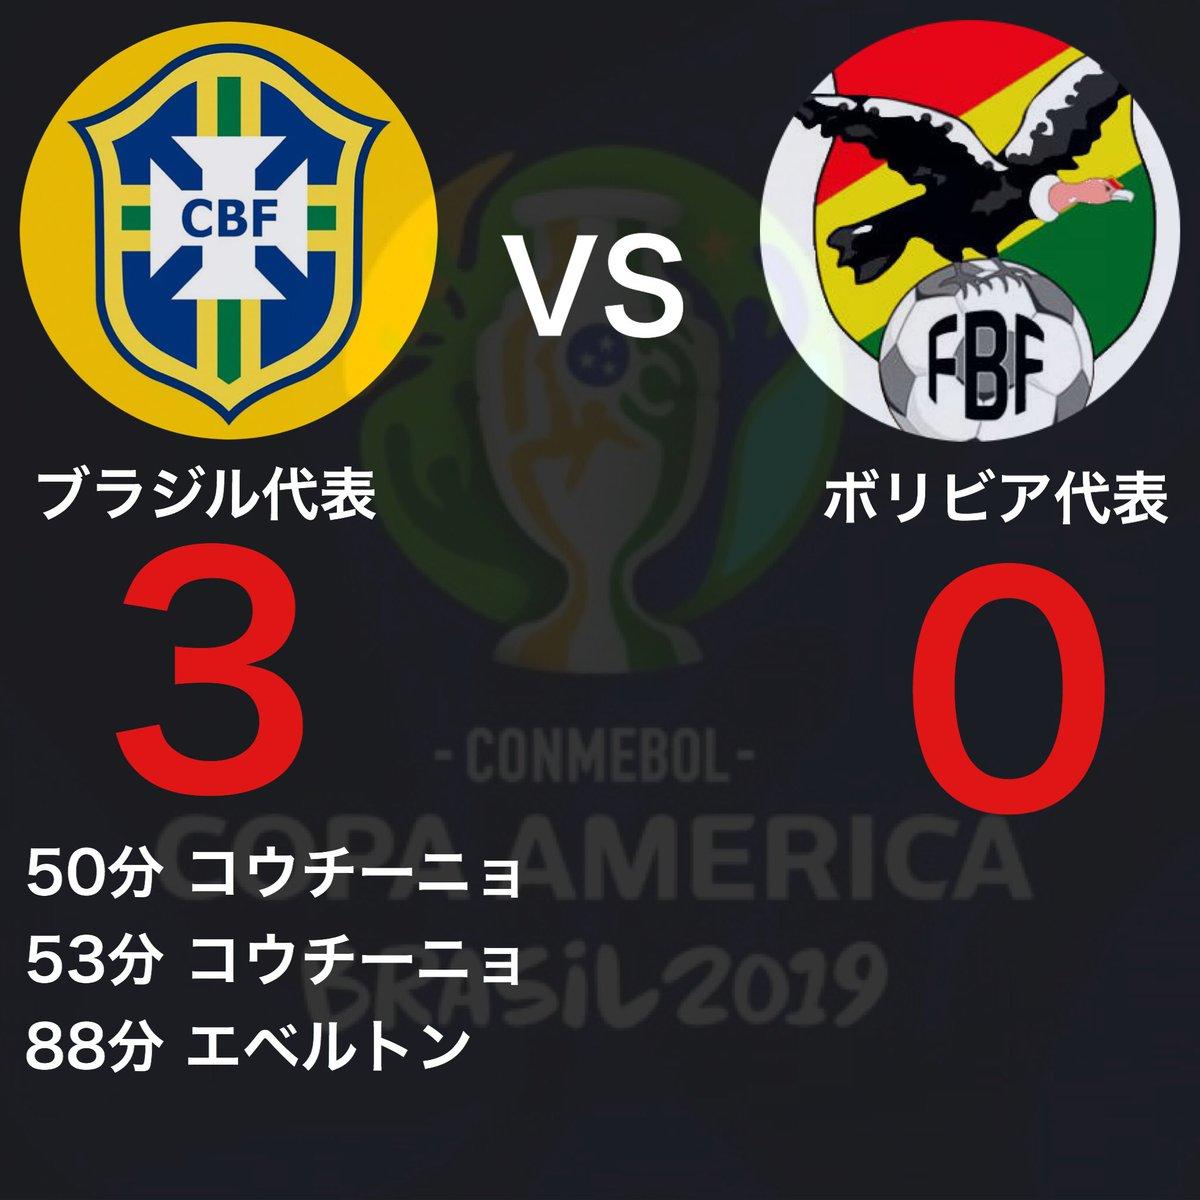 コパアメリカ 2019